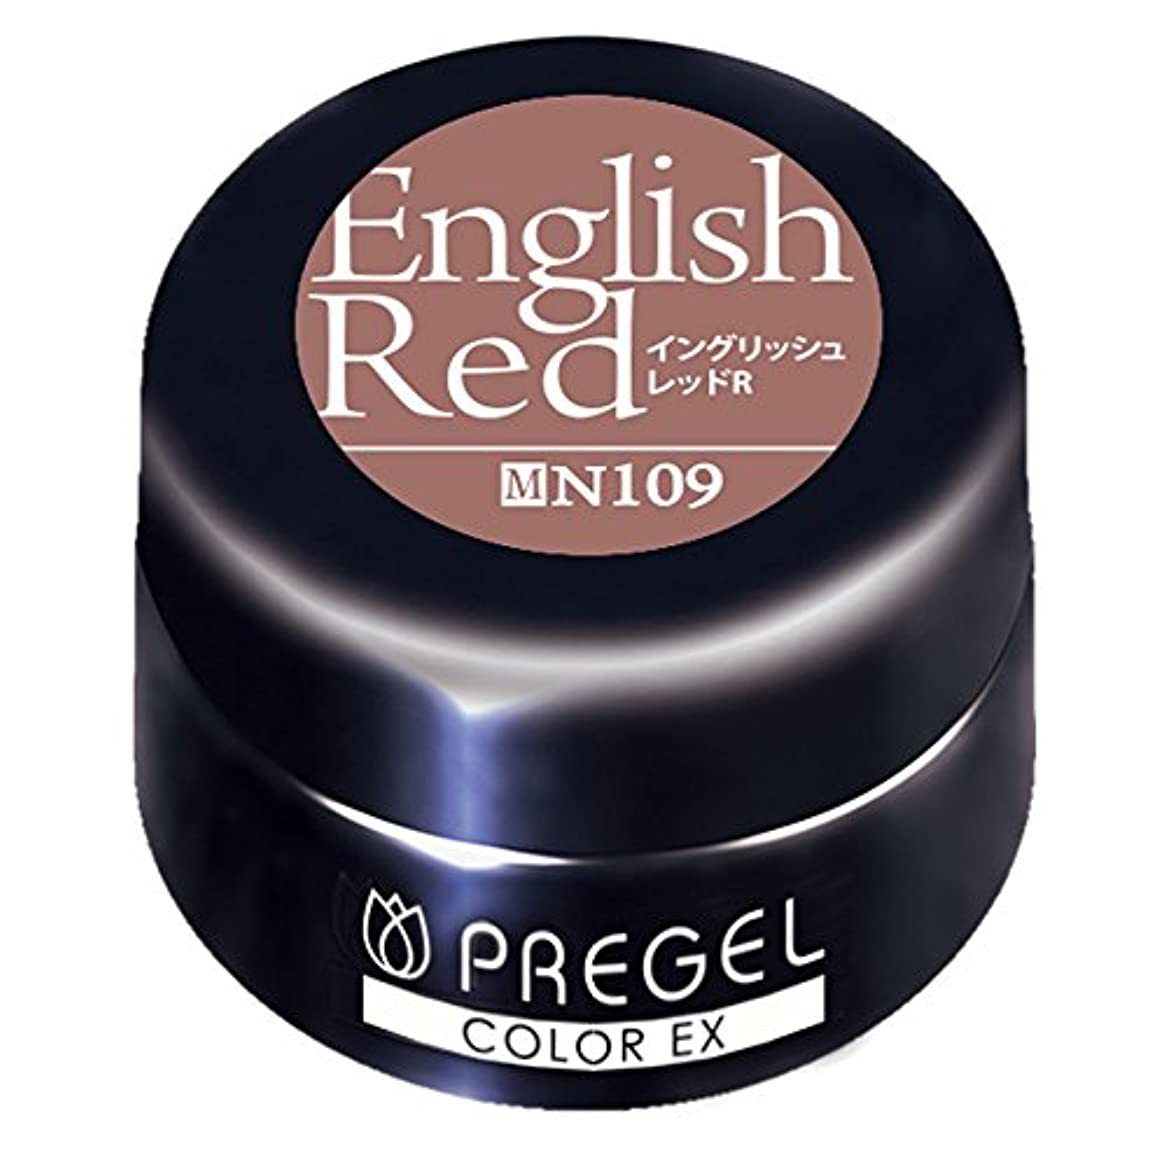 アプライアンスおじいちゃん良さPRE GEL カラージェル カラーEX イングリッシュレッド R109 3g UV/LED対応タイオウ